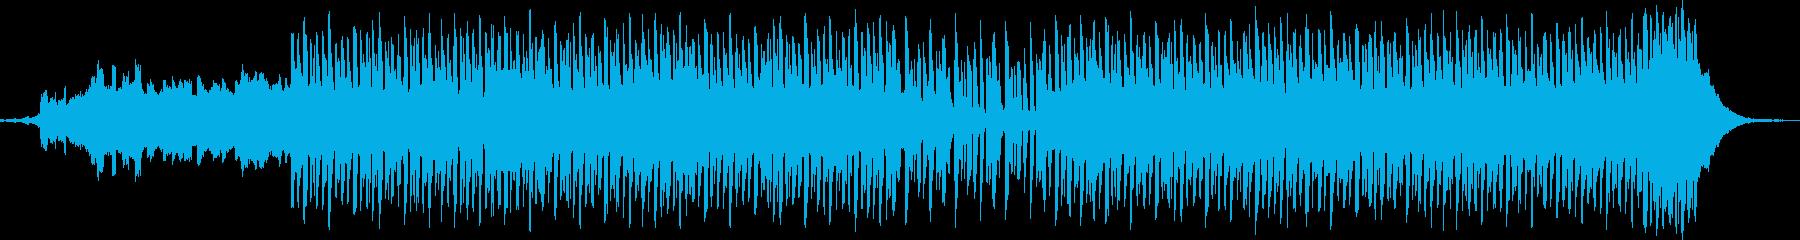 ポップ テクノ ファンク ハウス ...の再生済みの波形